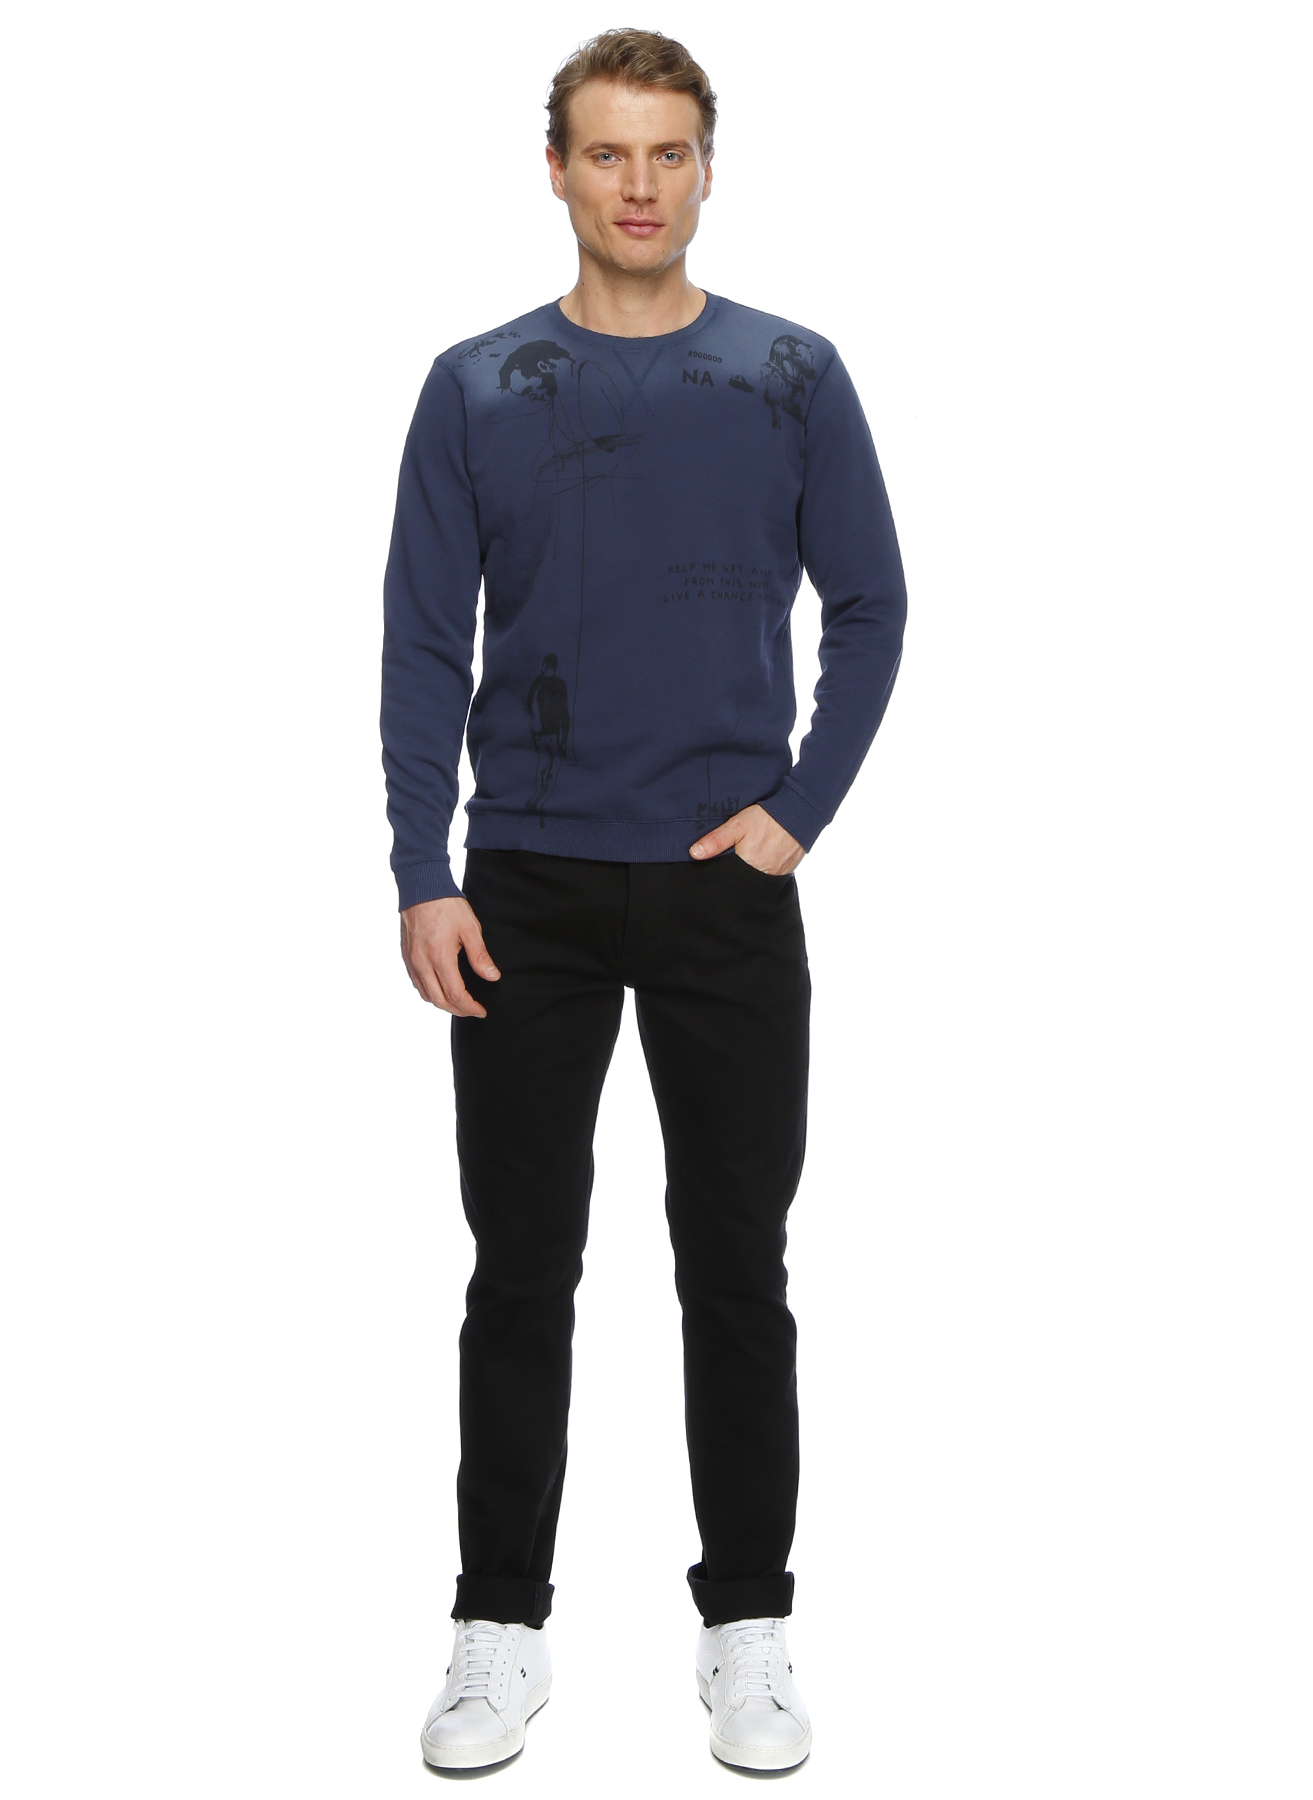 Loft Siyah Klasik Pantolon 34-34 5000192127013 Ürün Resmi